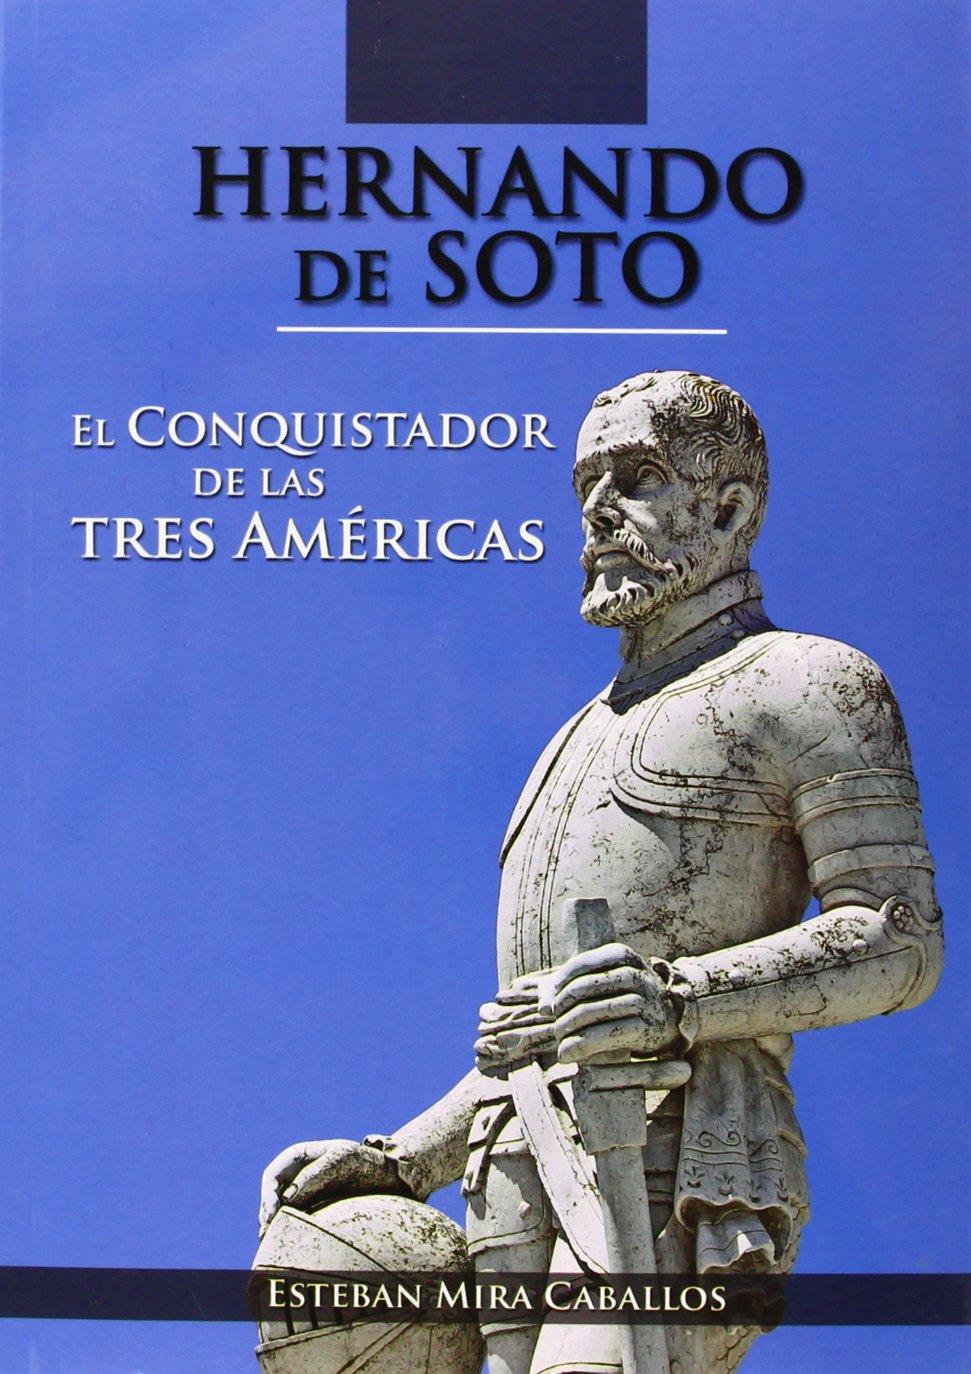 Hernando de Soto - el conquistador de las tres americas: Amazon.es ...